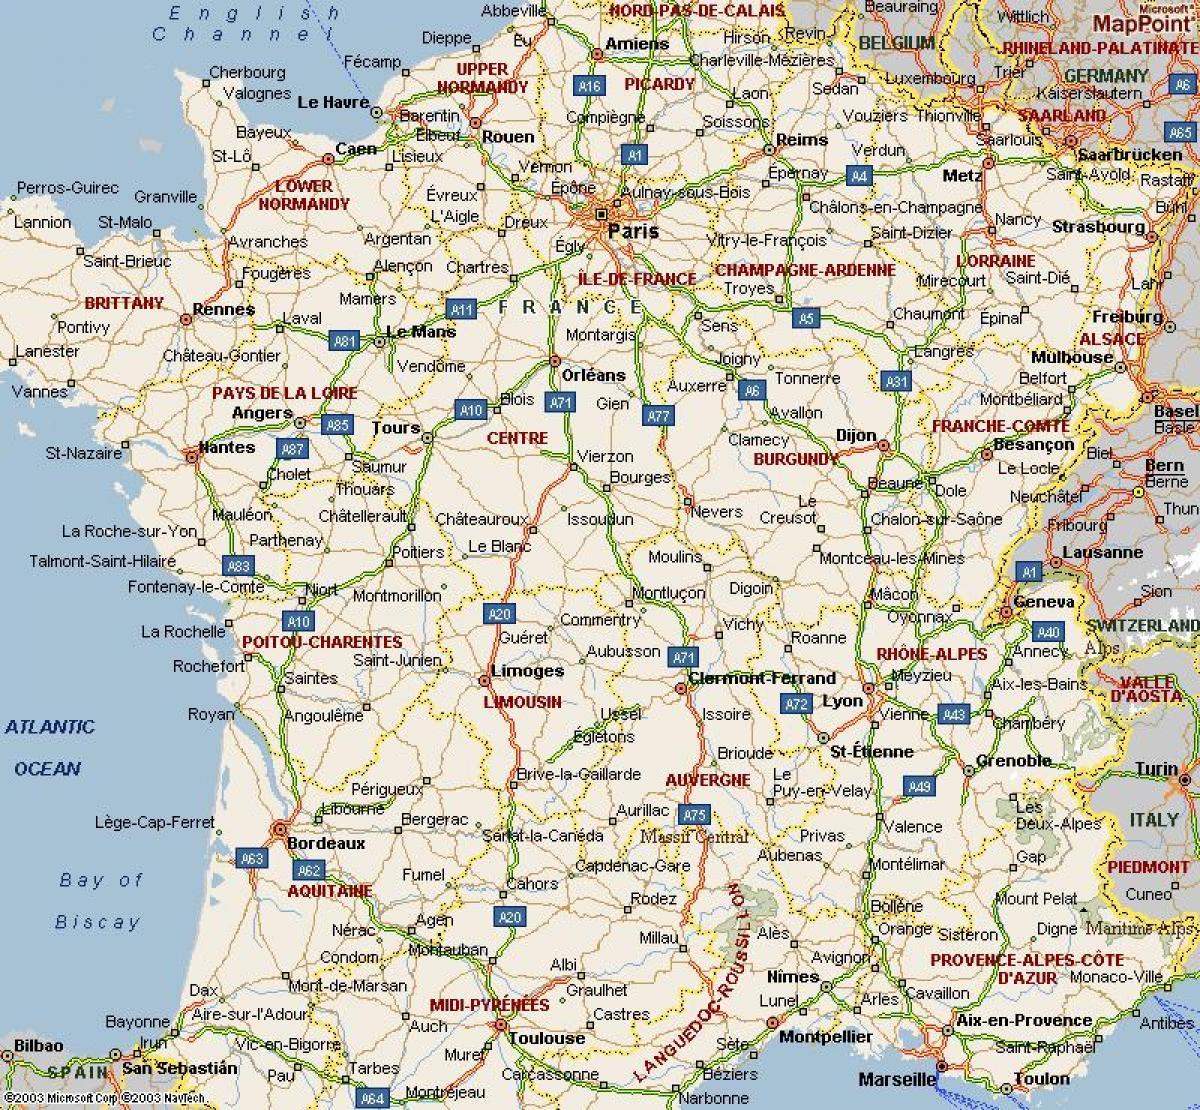 A4 Map Of France.A4 Map Of France Map Of A4 France Ile De France France